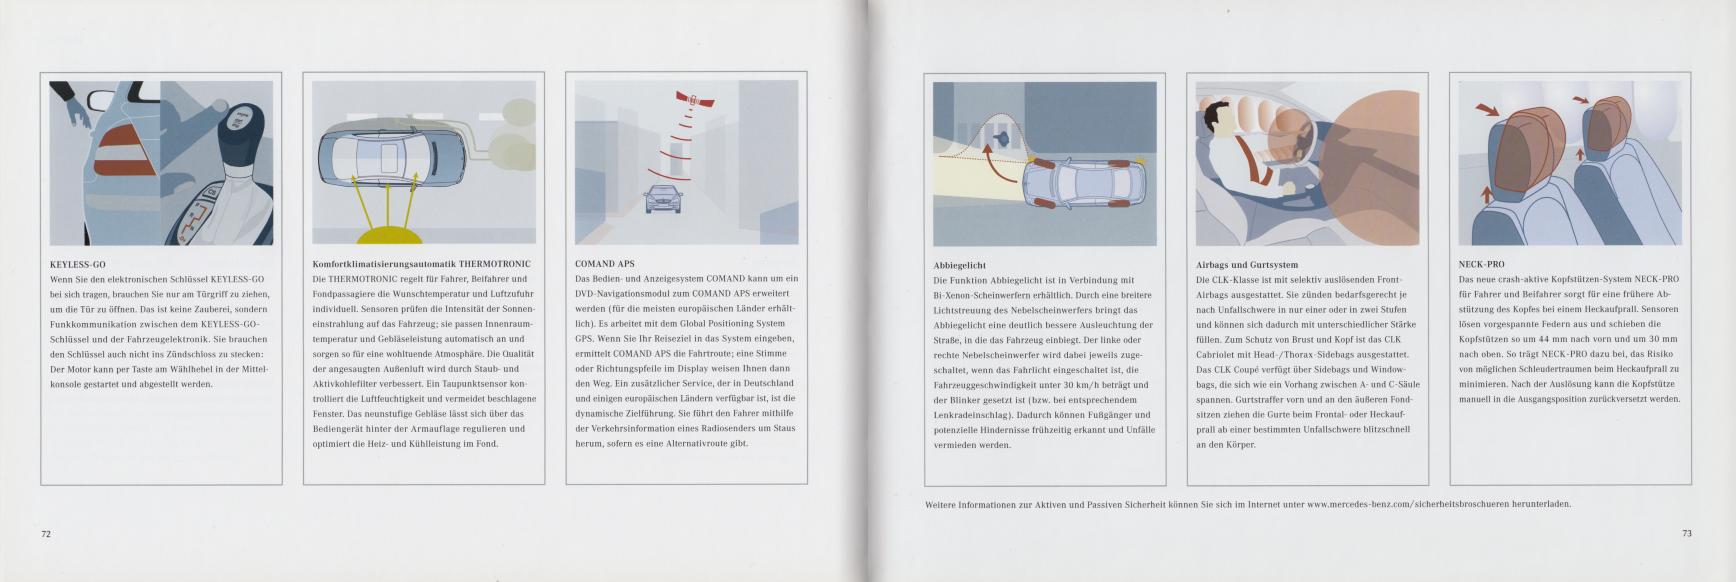 (A/C209): Catálogo 2007 - alemão 037